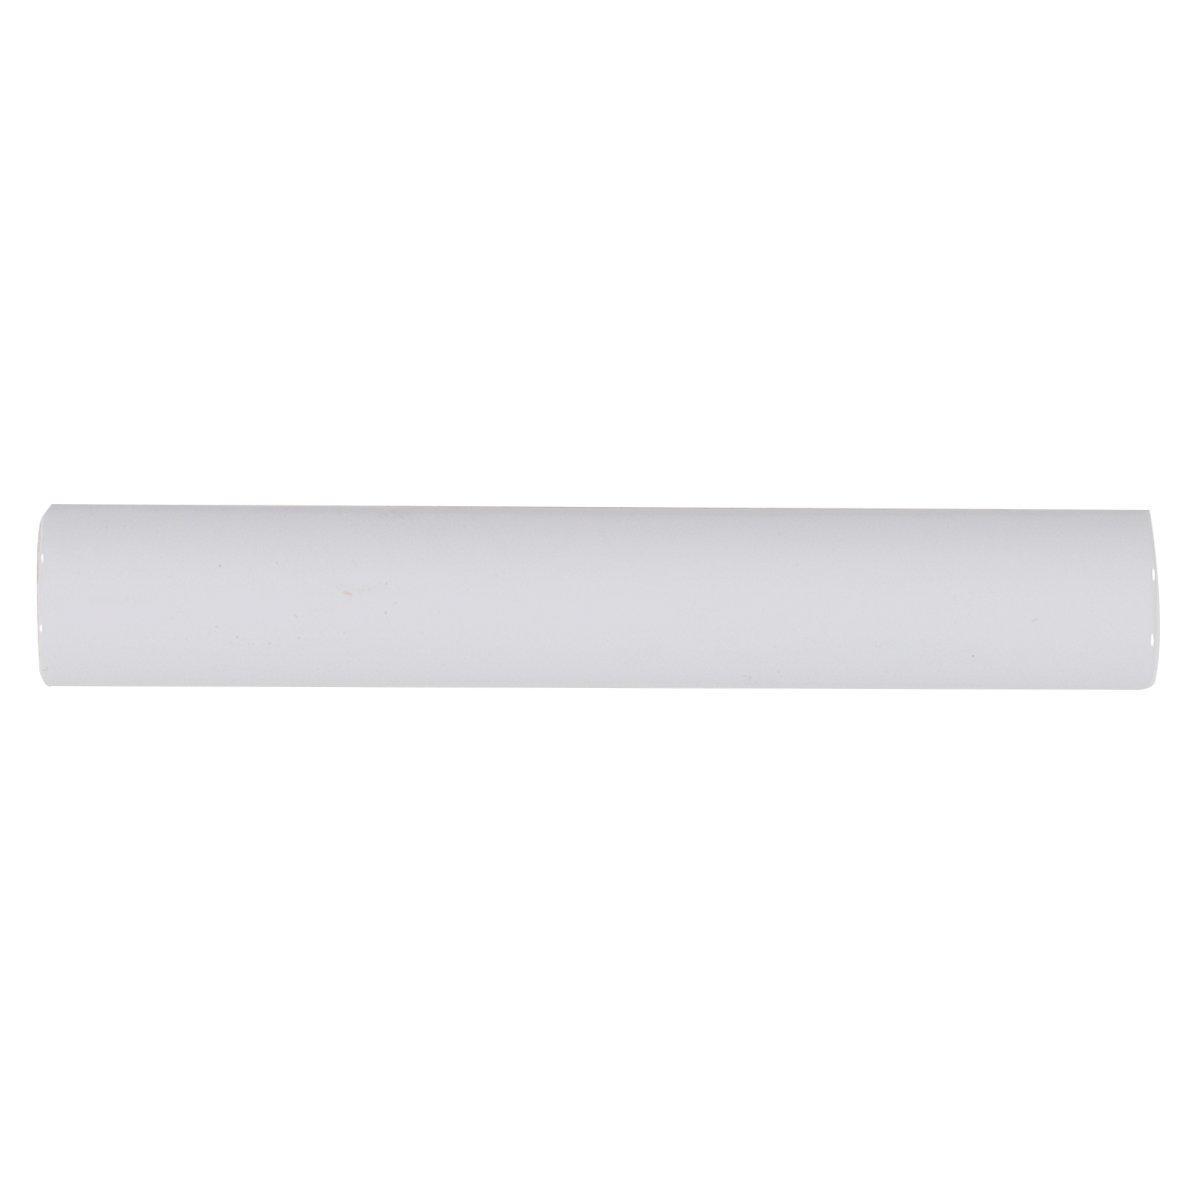 bright white ice ceramic quarter round